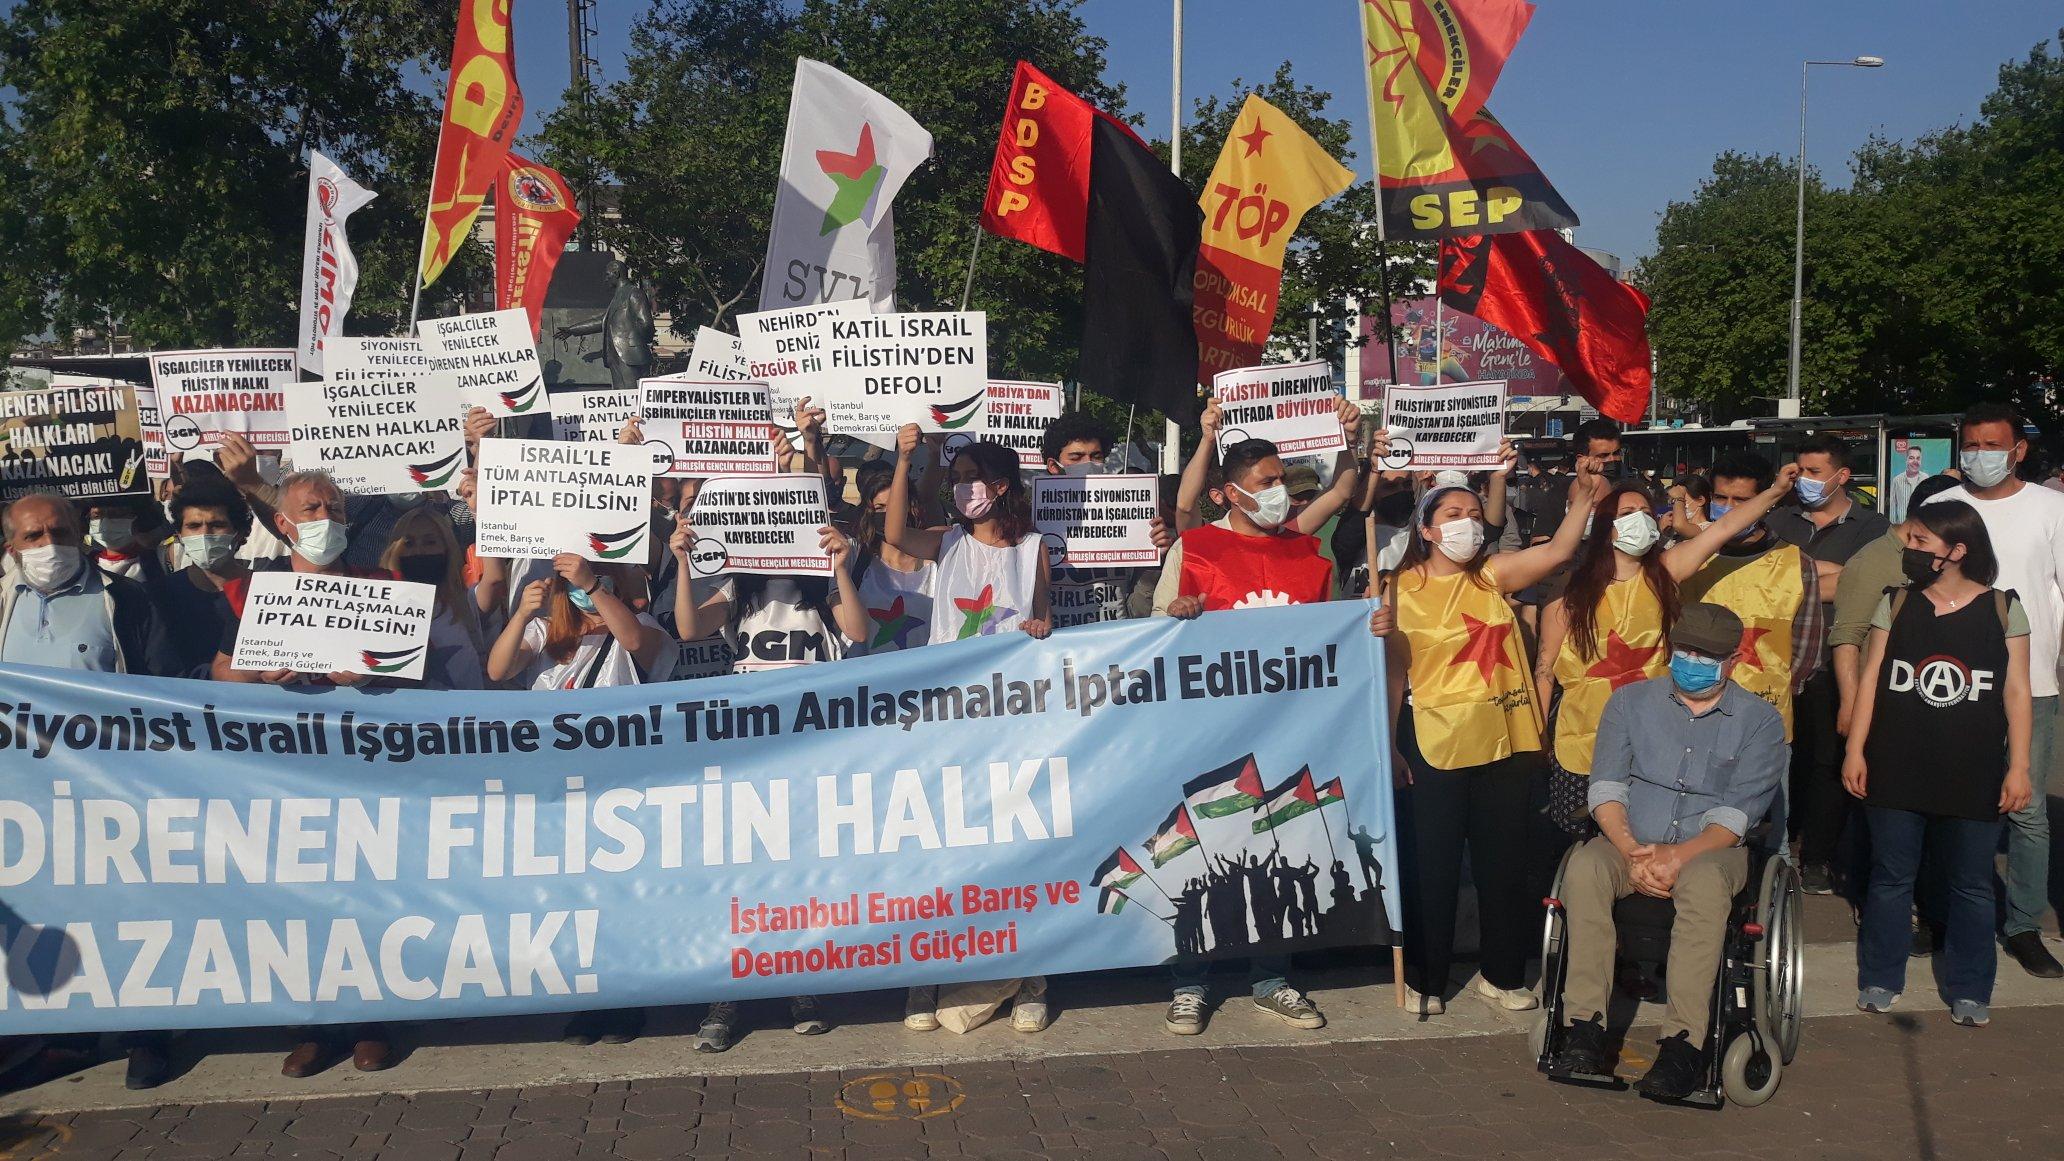 İsrail'in Filistin'e Yönelik Saldırılarına Karşı Kadıköy İskele Meydanı'nda Eylemdeydik